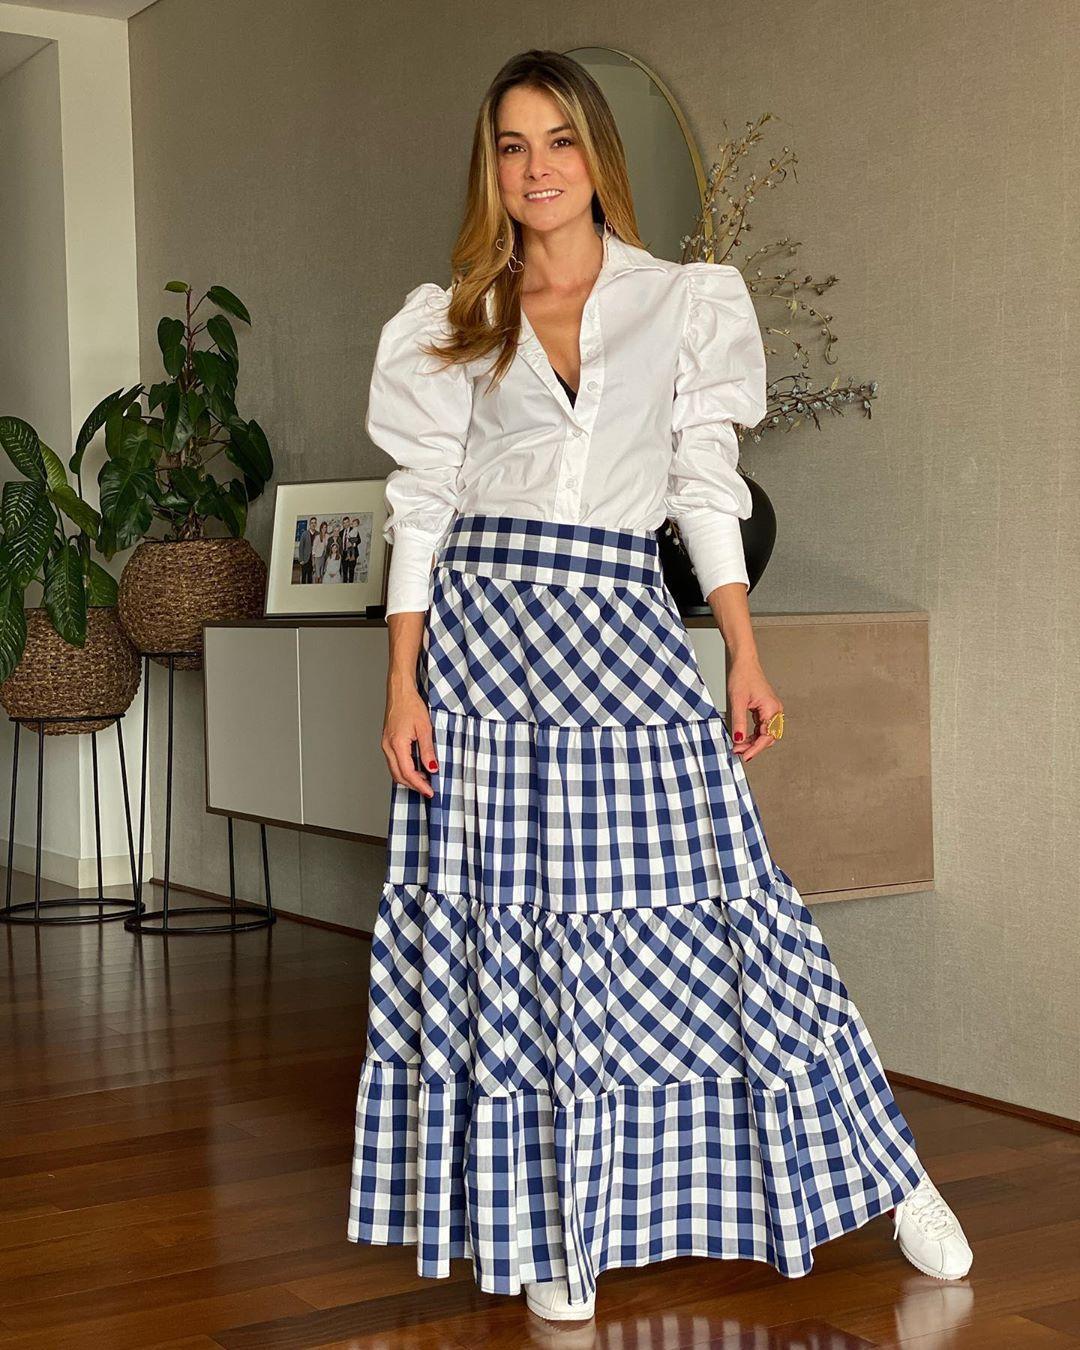 Cata Gómez S Instagram Post Nuestra Propuesta De Hoy Jeansandblousesbycatagomez Dos Colores Dos Looks Moda Faldas Faldas Largas De Vestir Faldas Modernas